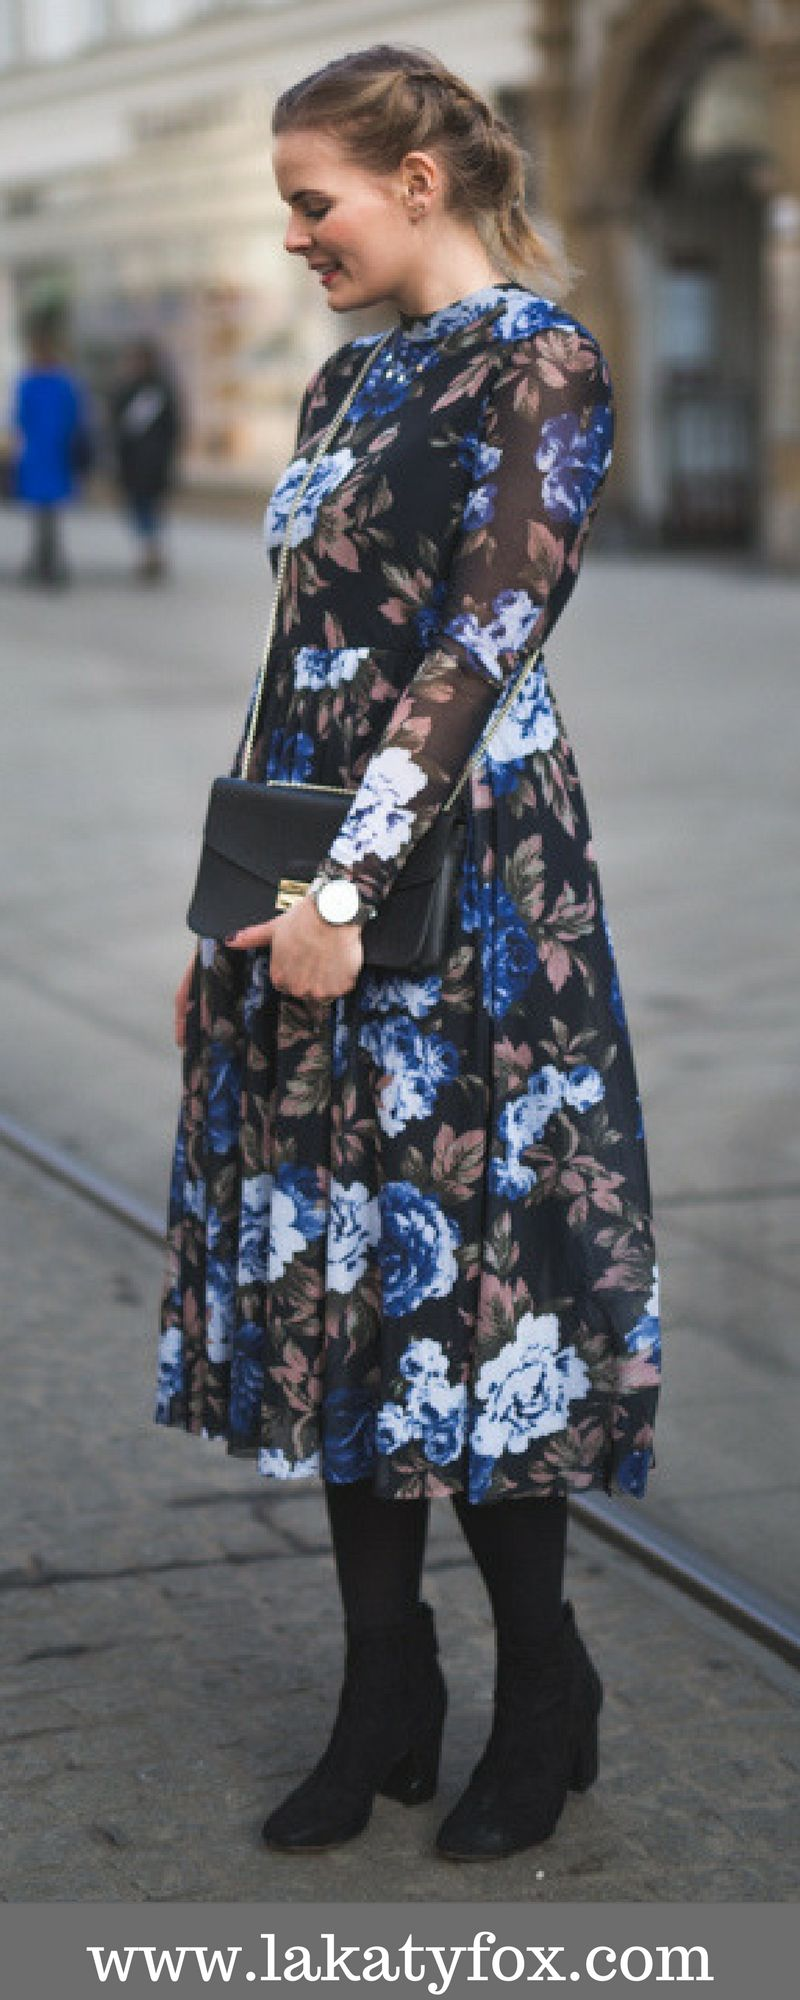 Blaues kleid kombinieren pinterest